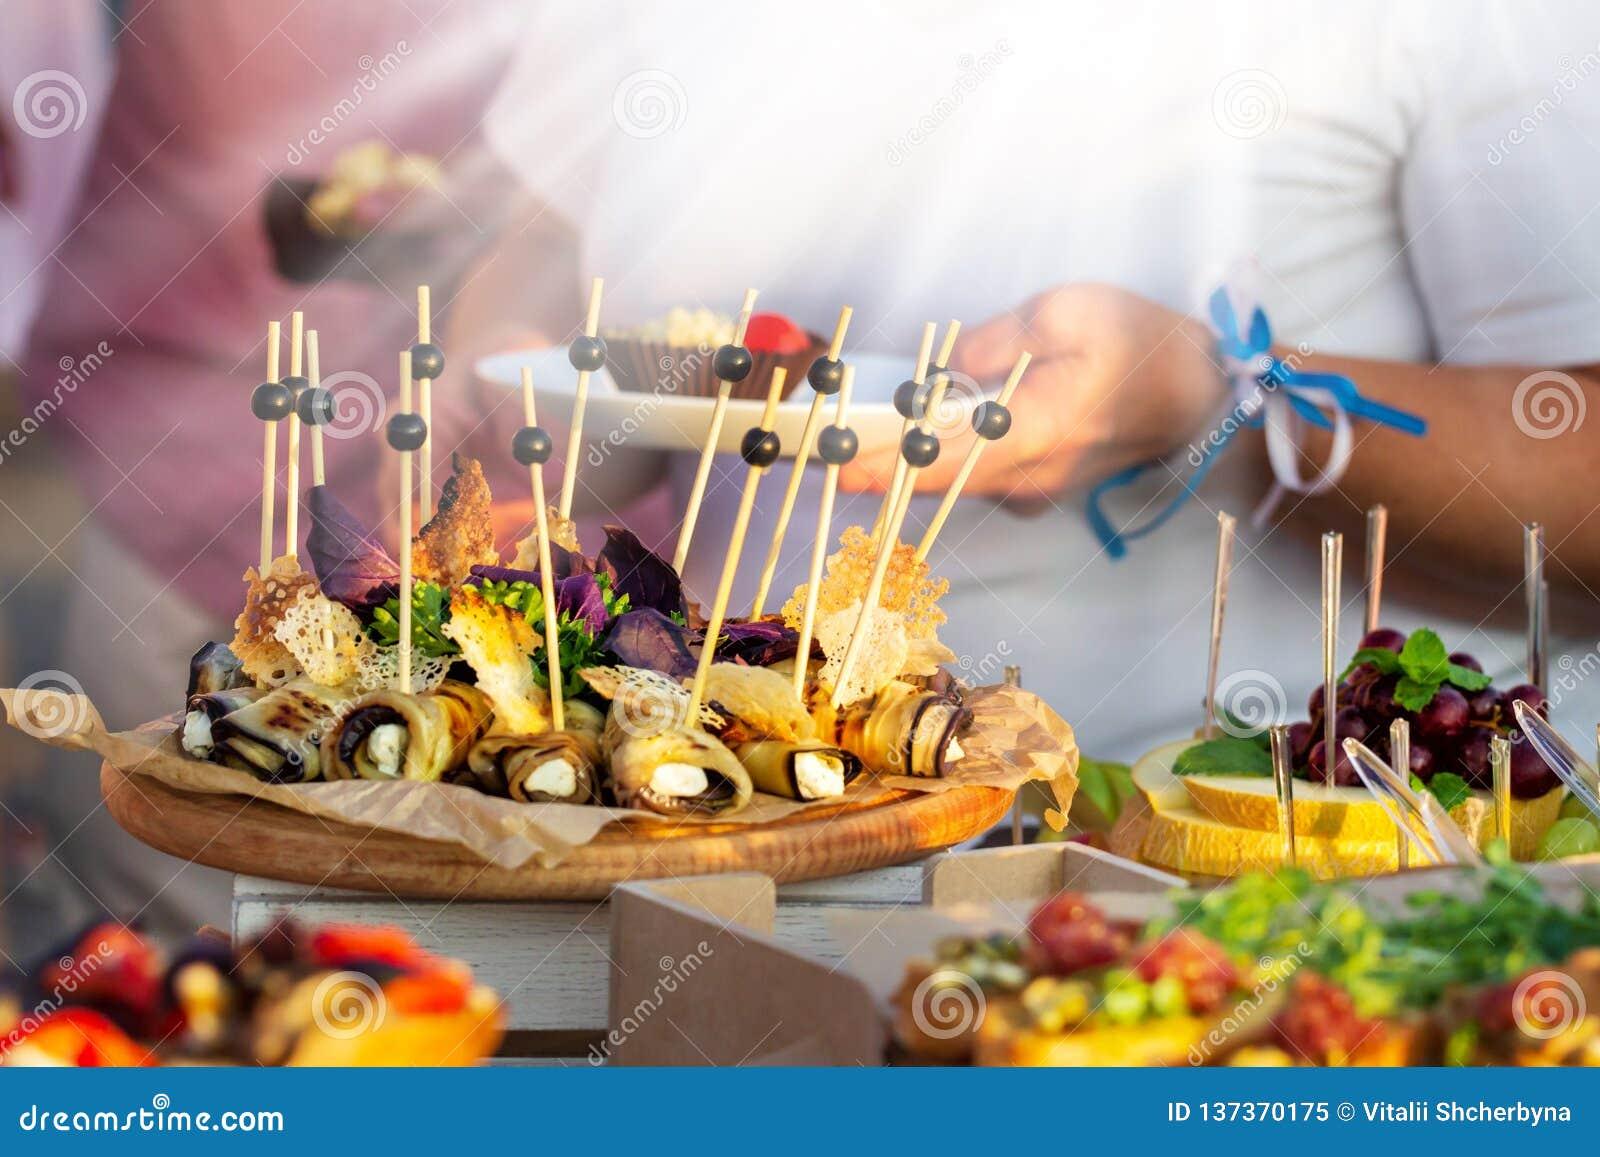 Ресторанное обслуживаниа обедающего шведского стола внешней кухни кулинарное Группа людей во всех вы можете съесть Обедать концеп